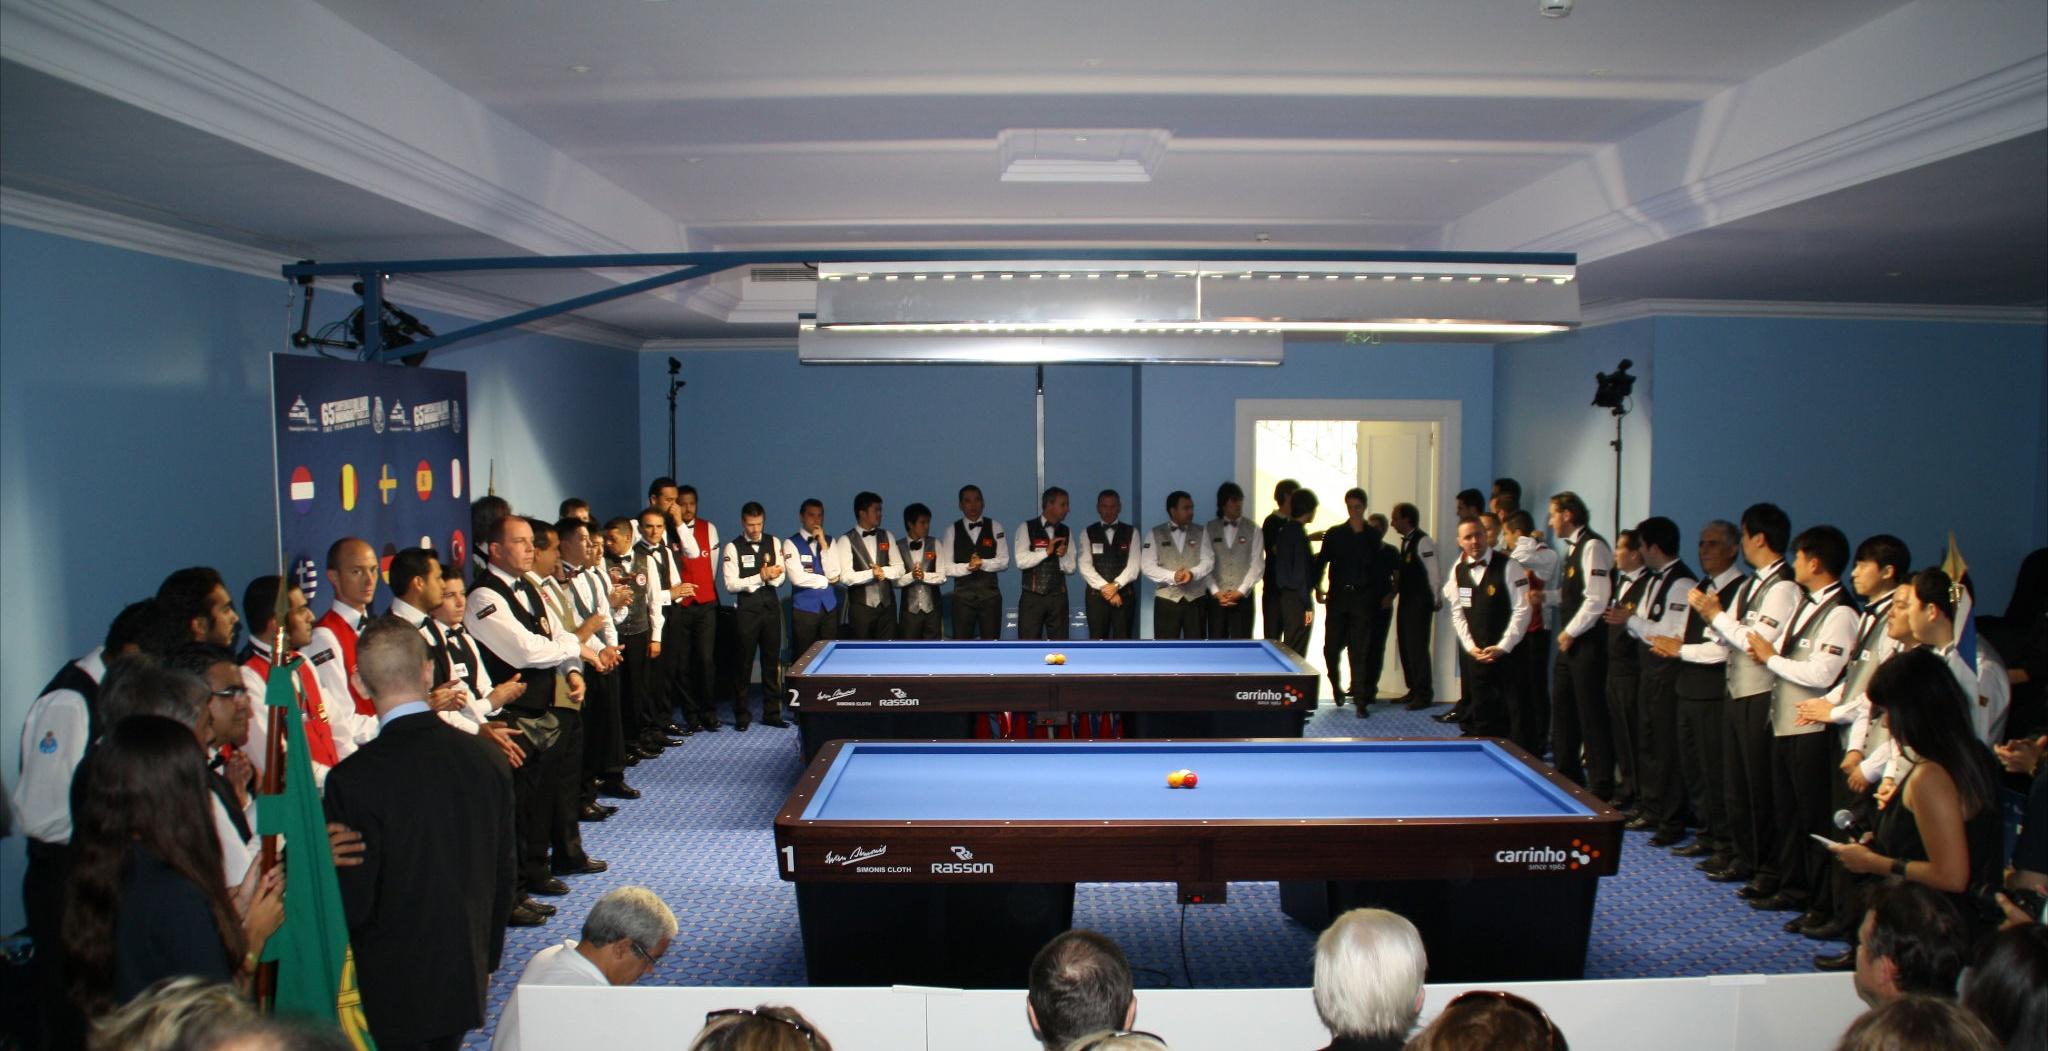 Mesa de Bilhar Livre Seul T/310 de campeonato